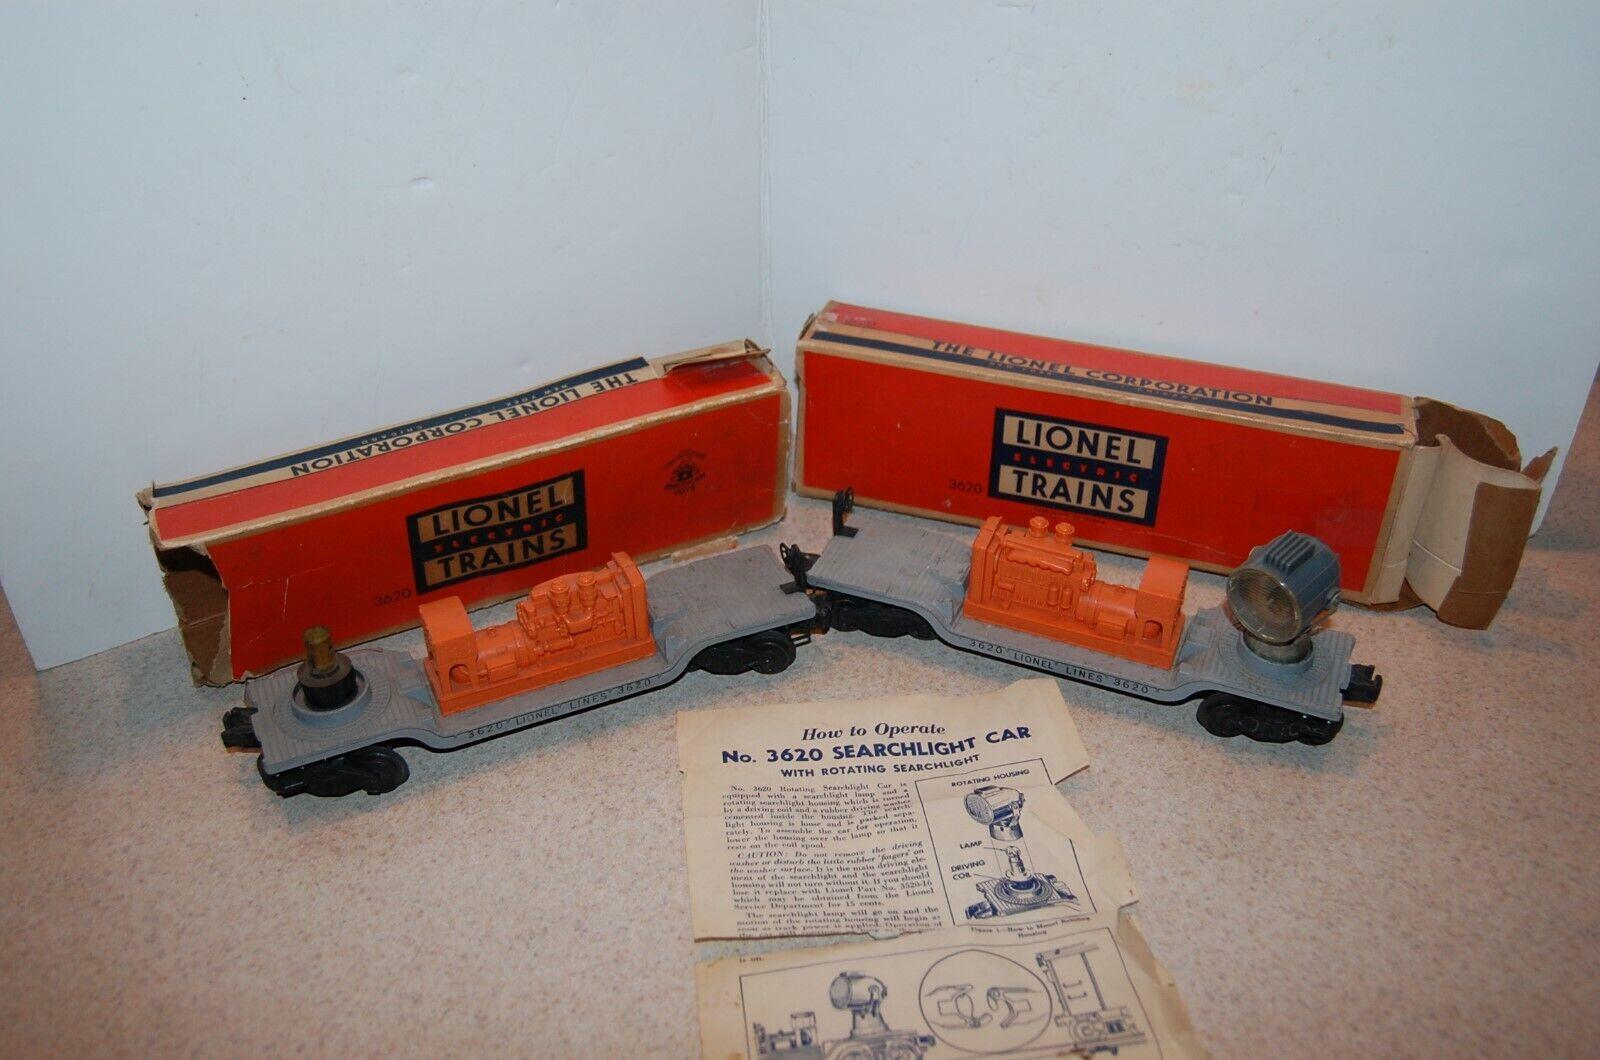 2 Lionel de posguerra no 3620 Giratorio Reflector coches En Cajas Originales